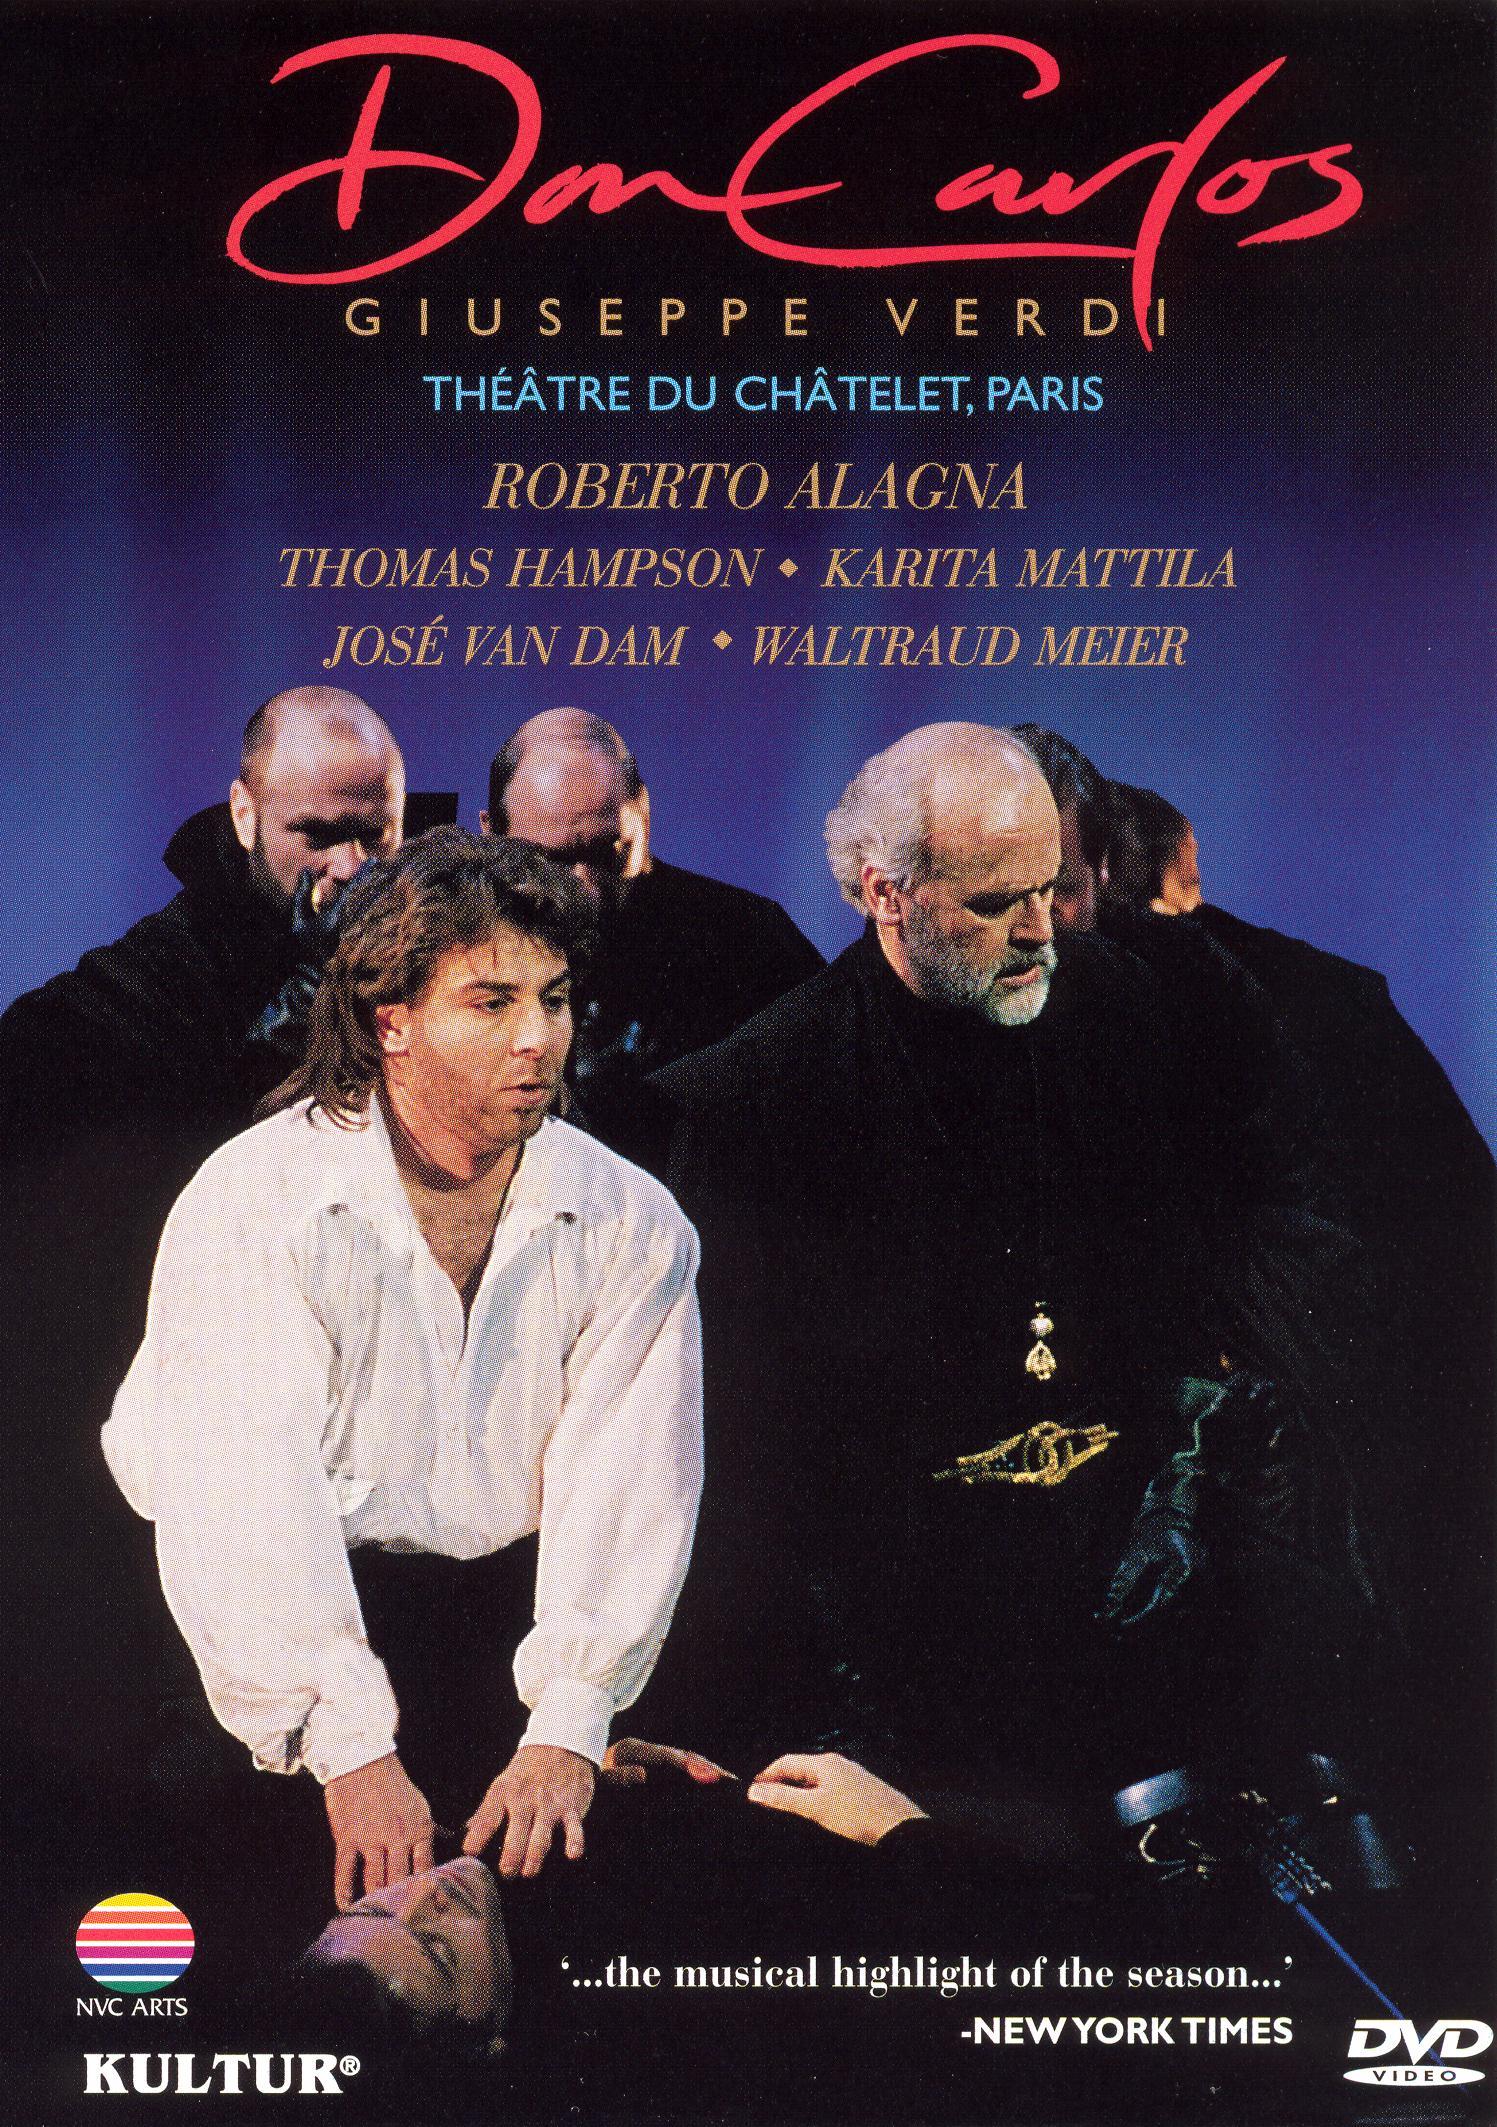 Don Carlos (Théâtre du Châtelet, Paris)